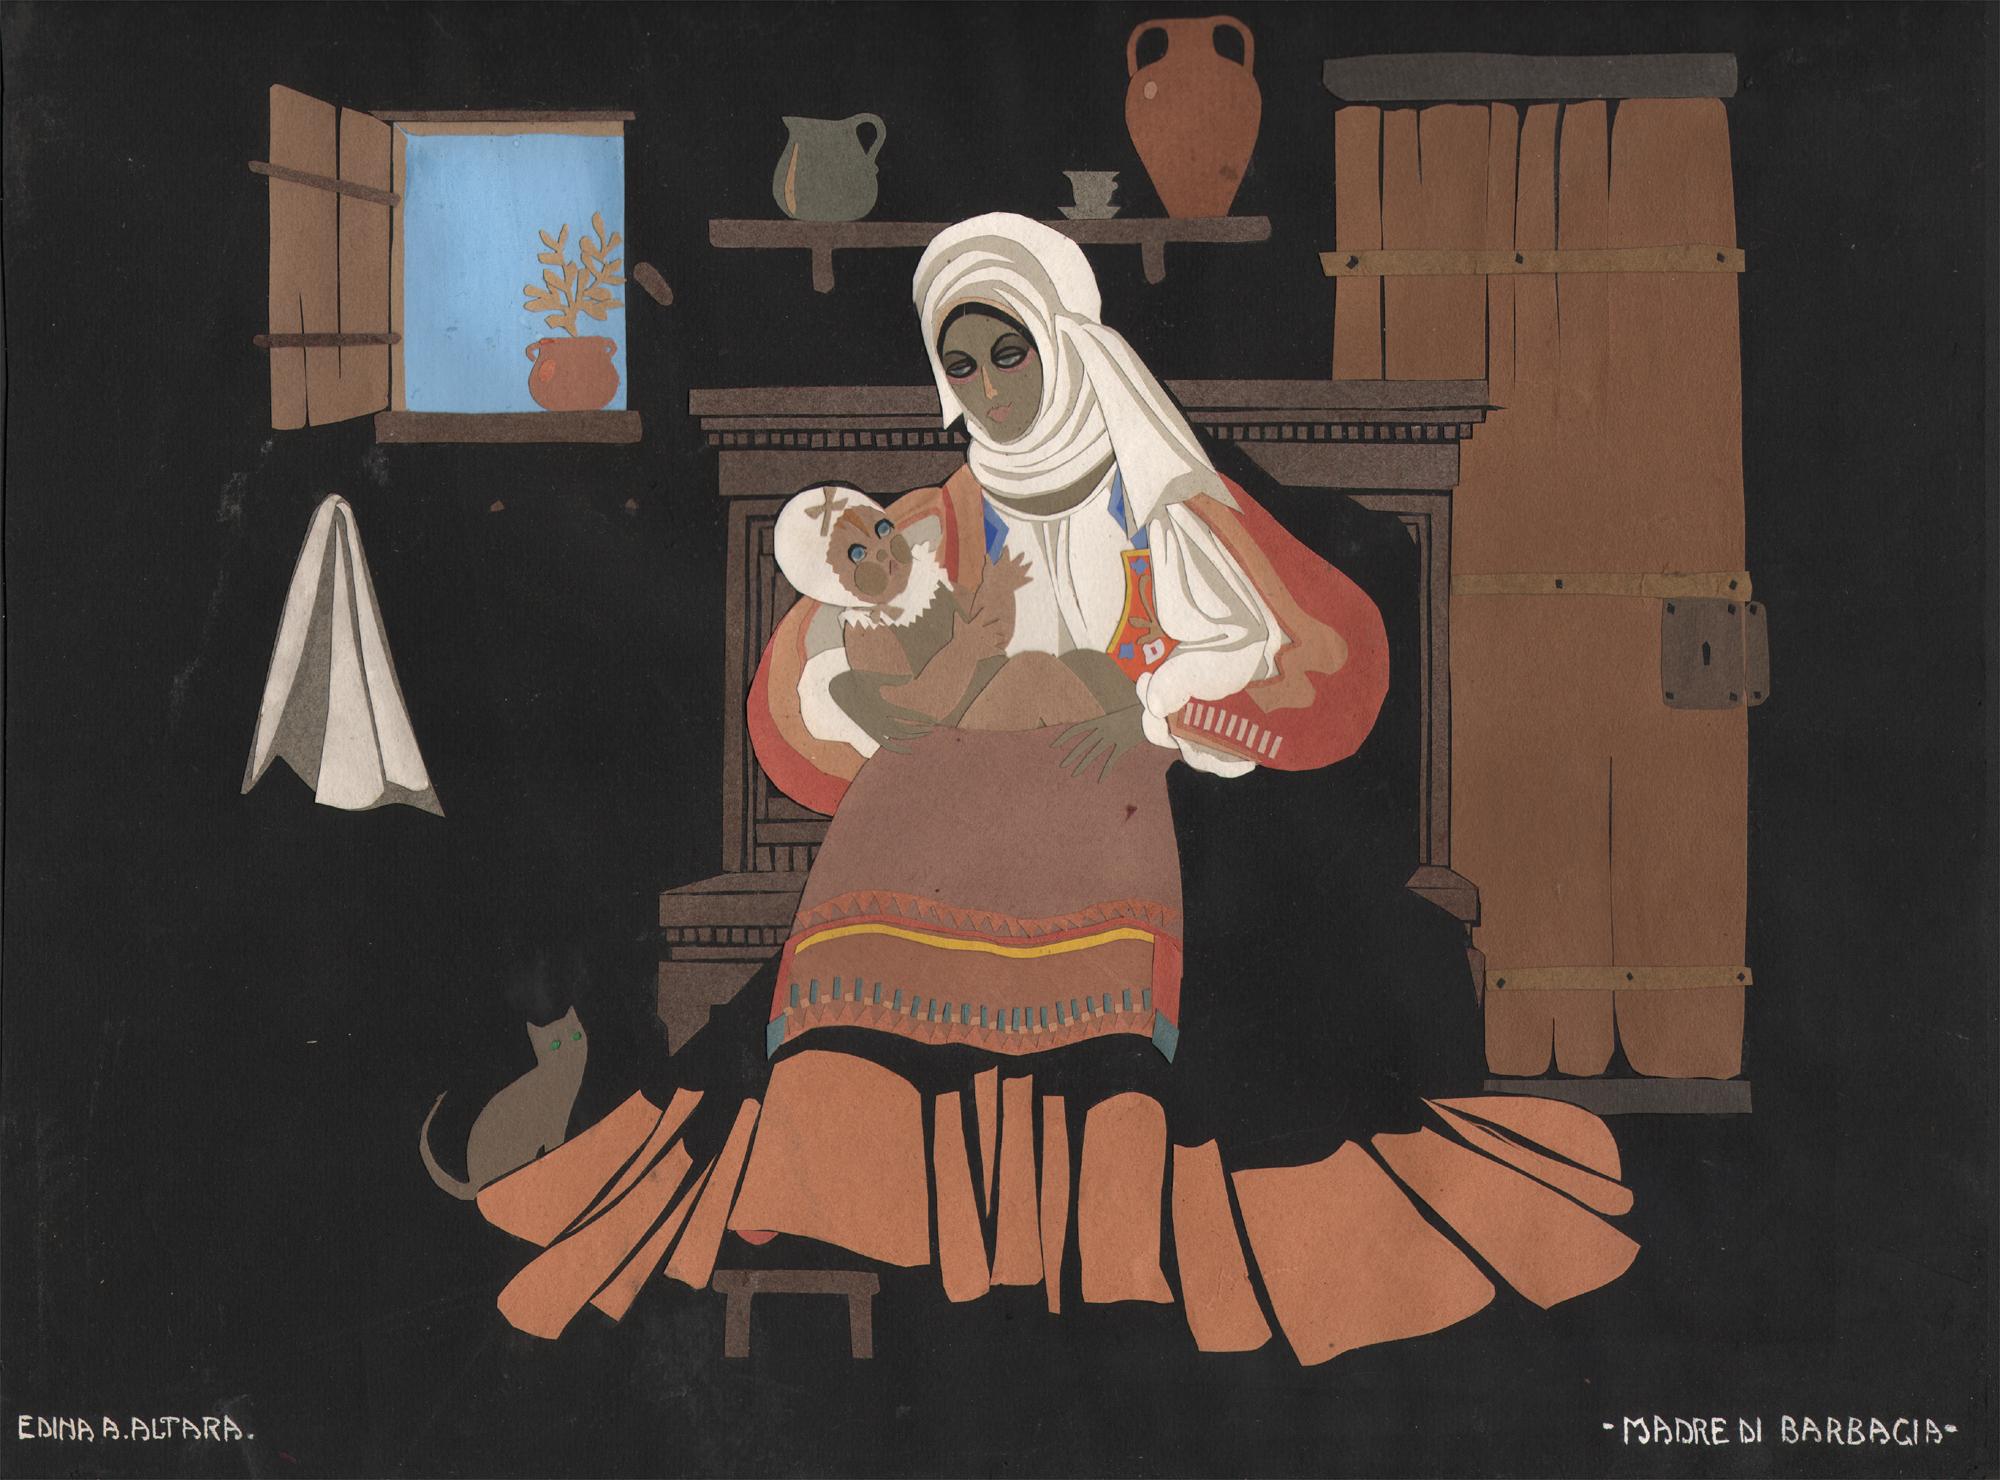 Madre di Barbagia, Edina Altara, anni '20